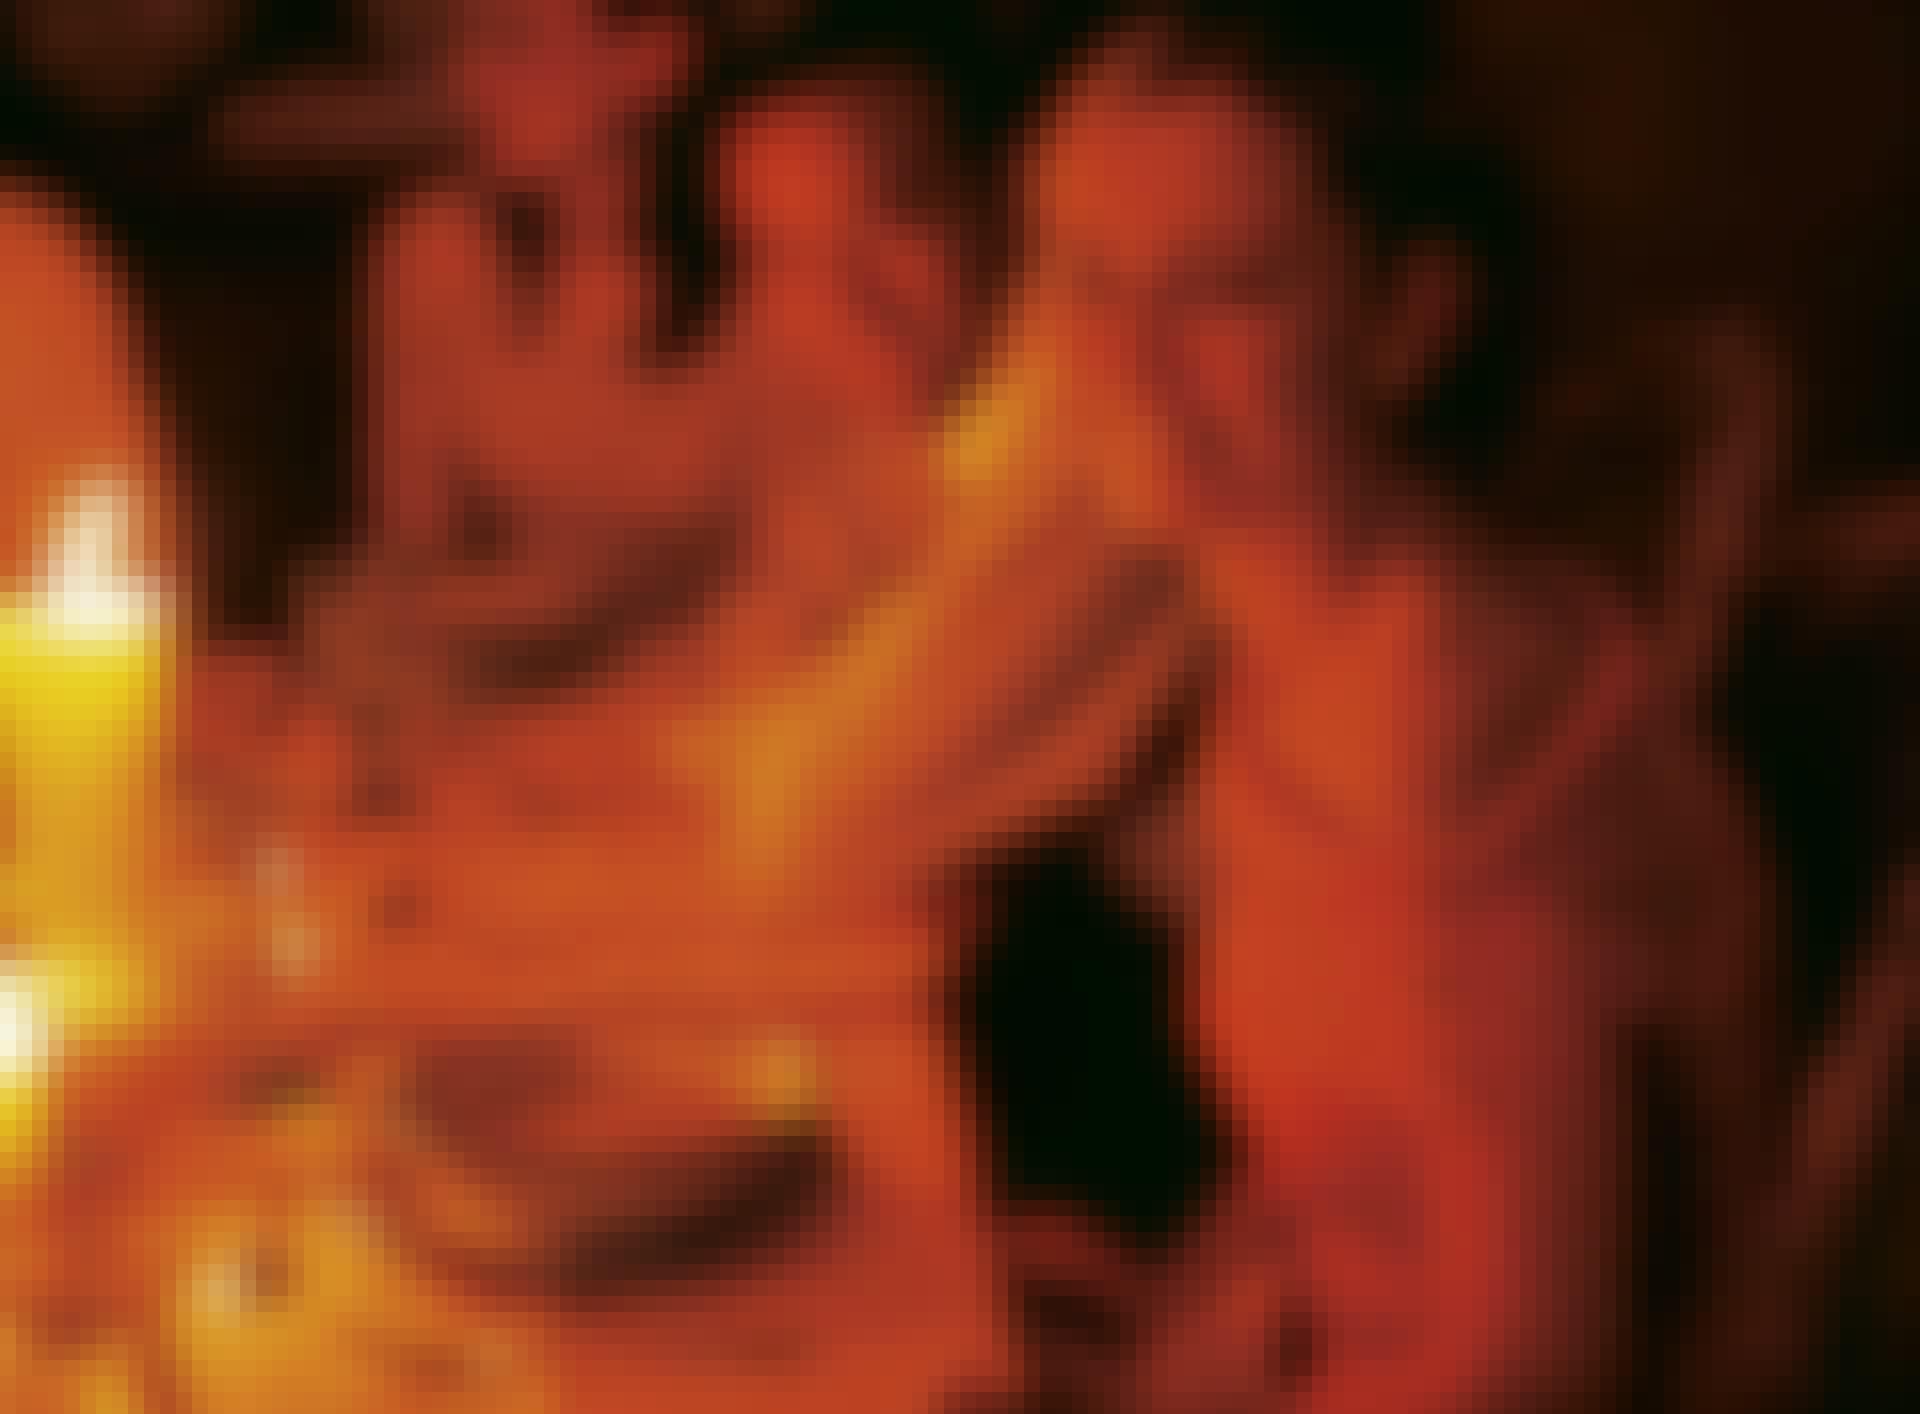 Att äta i mörkret